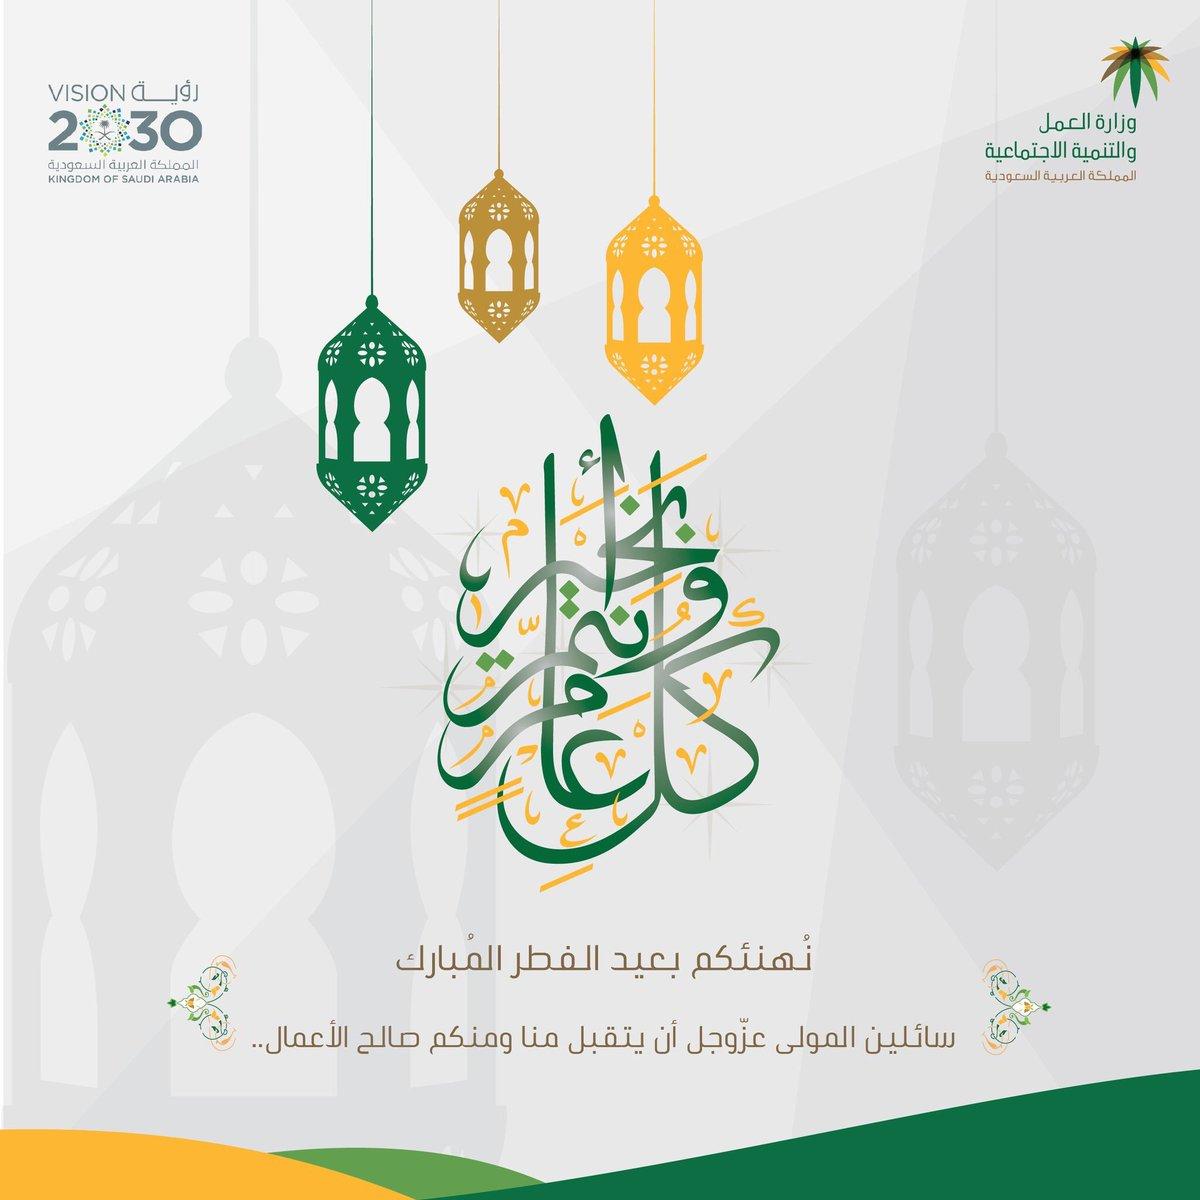 #عيدكم_مبارك #كل_عام_ومملكتنا_بخير  #كل_عام_وانتم_بالف_خير https://t.c...